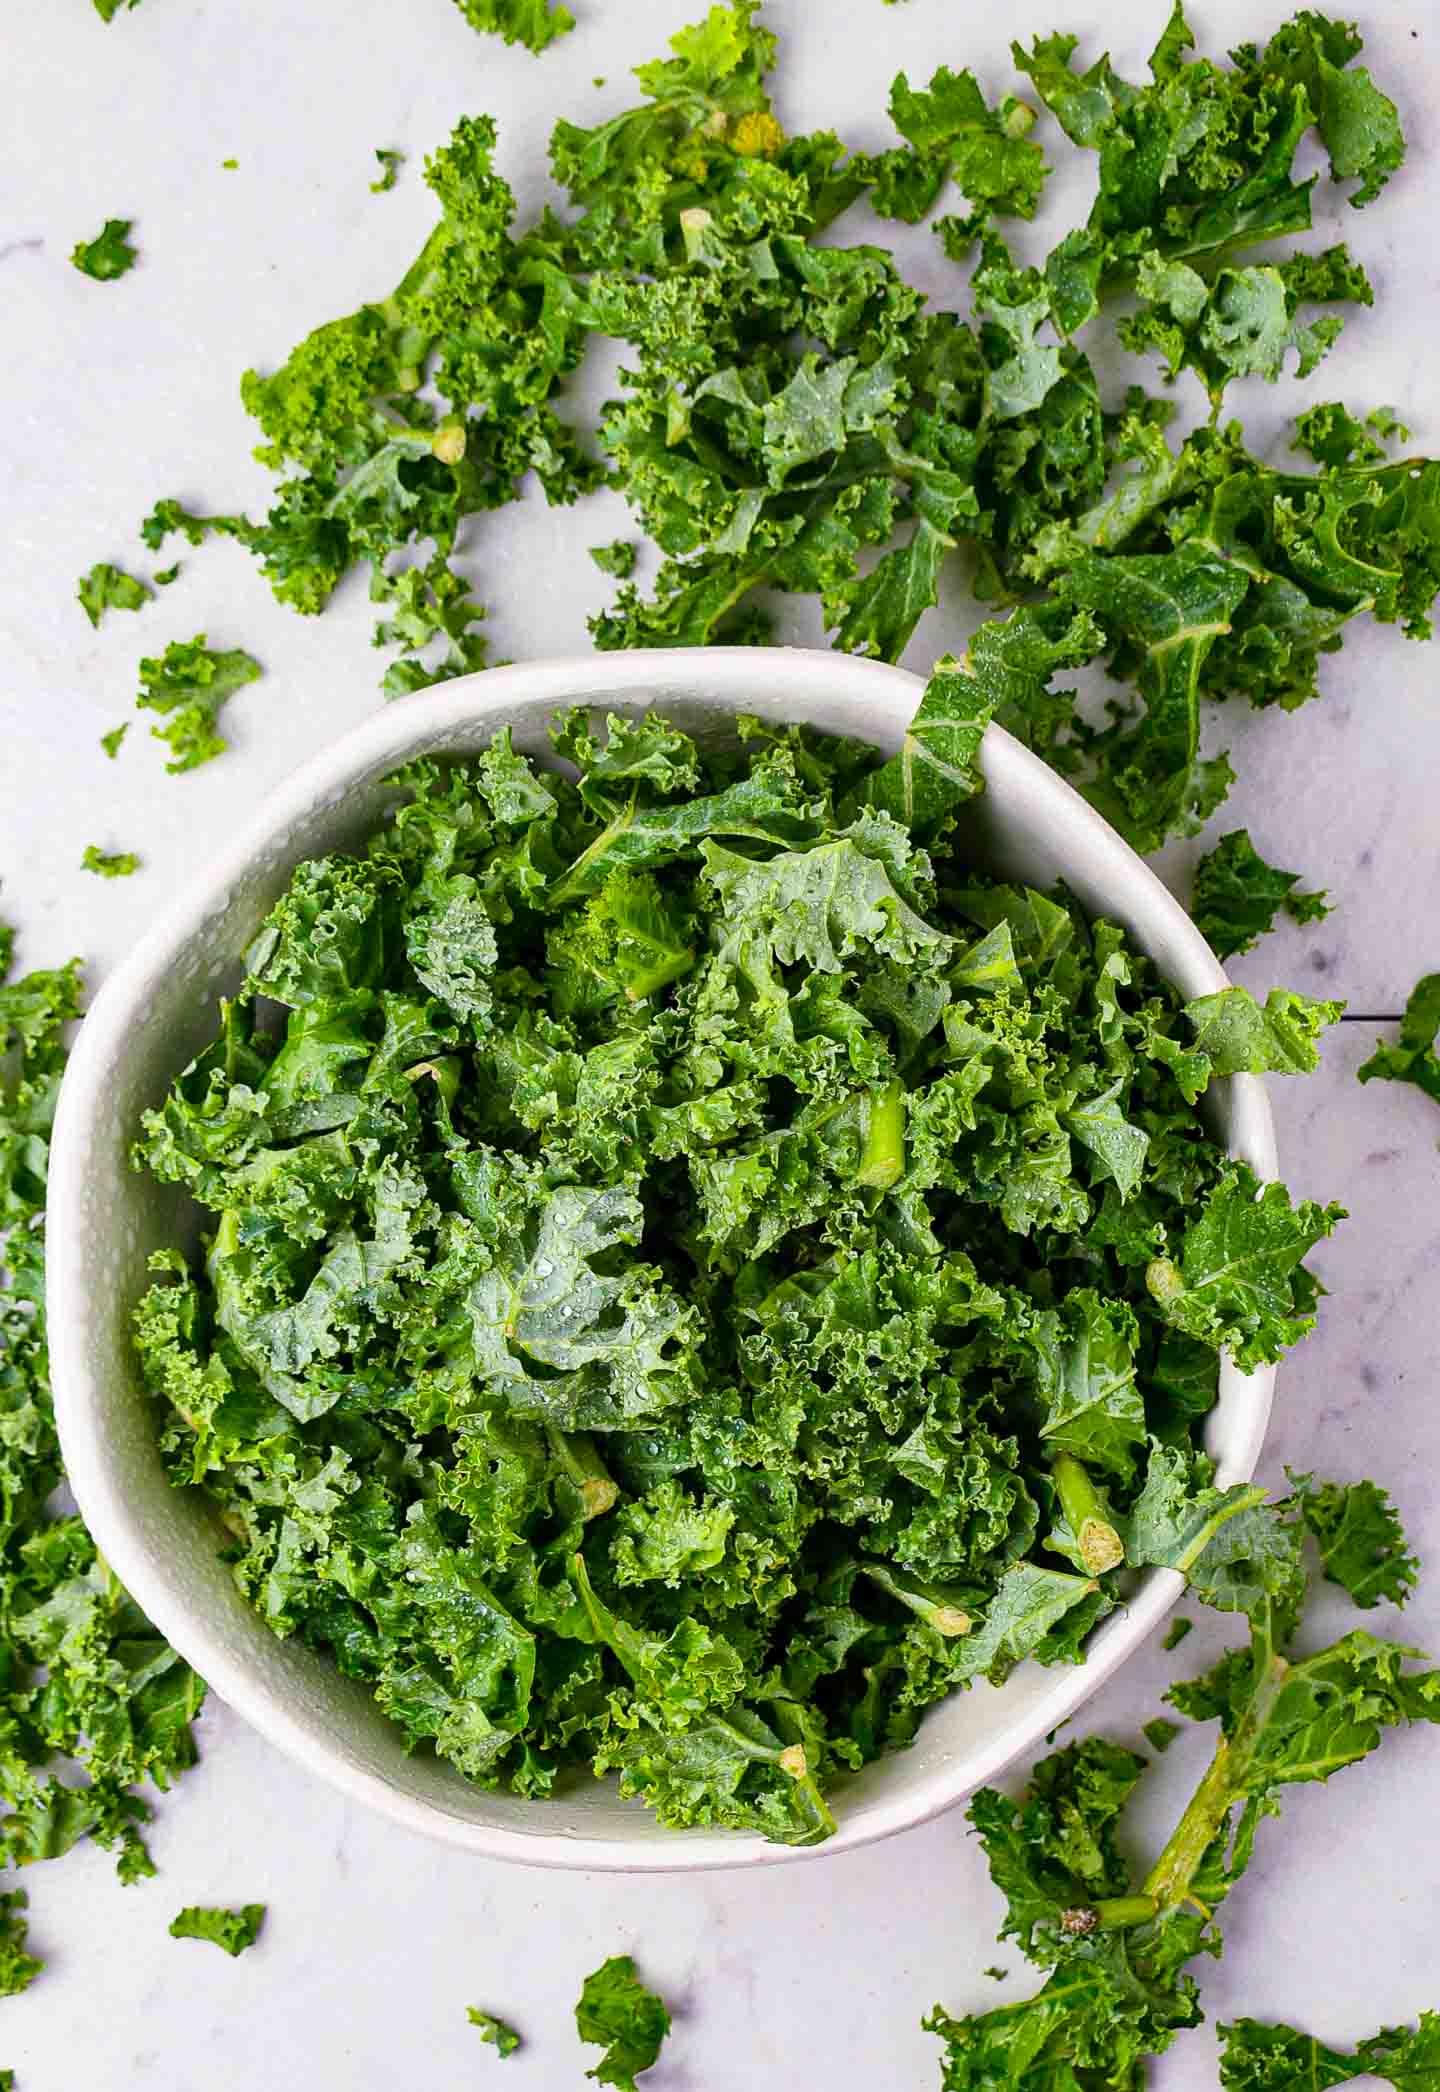 Raw chopped kale in white bowl.